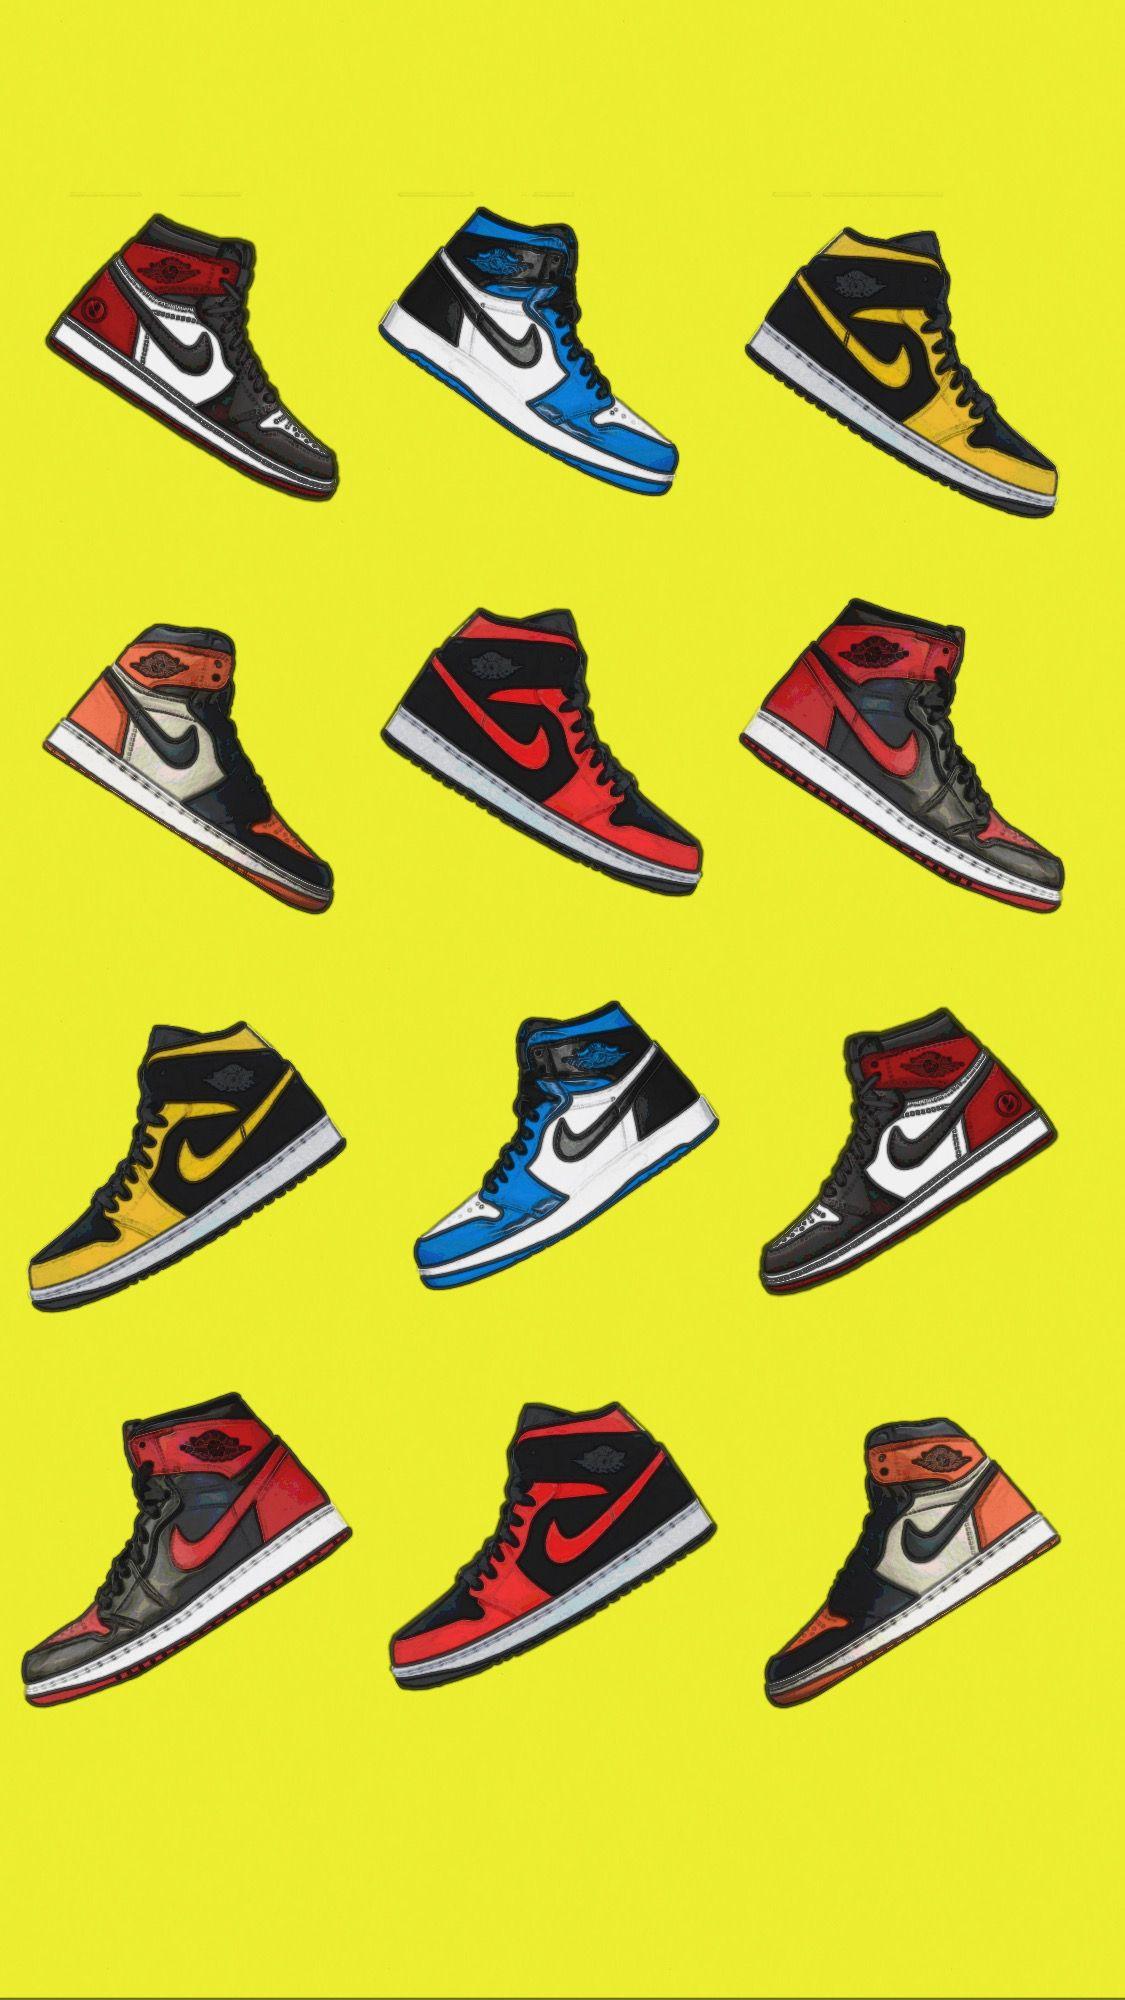 Air Jordan 1 Background Wallpaper